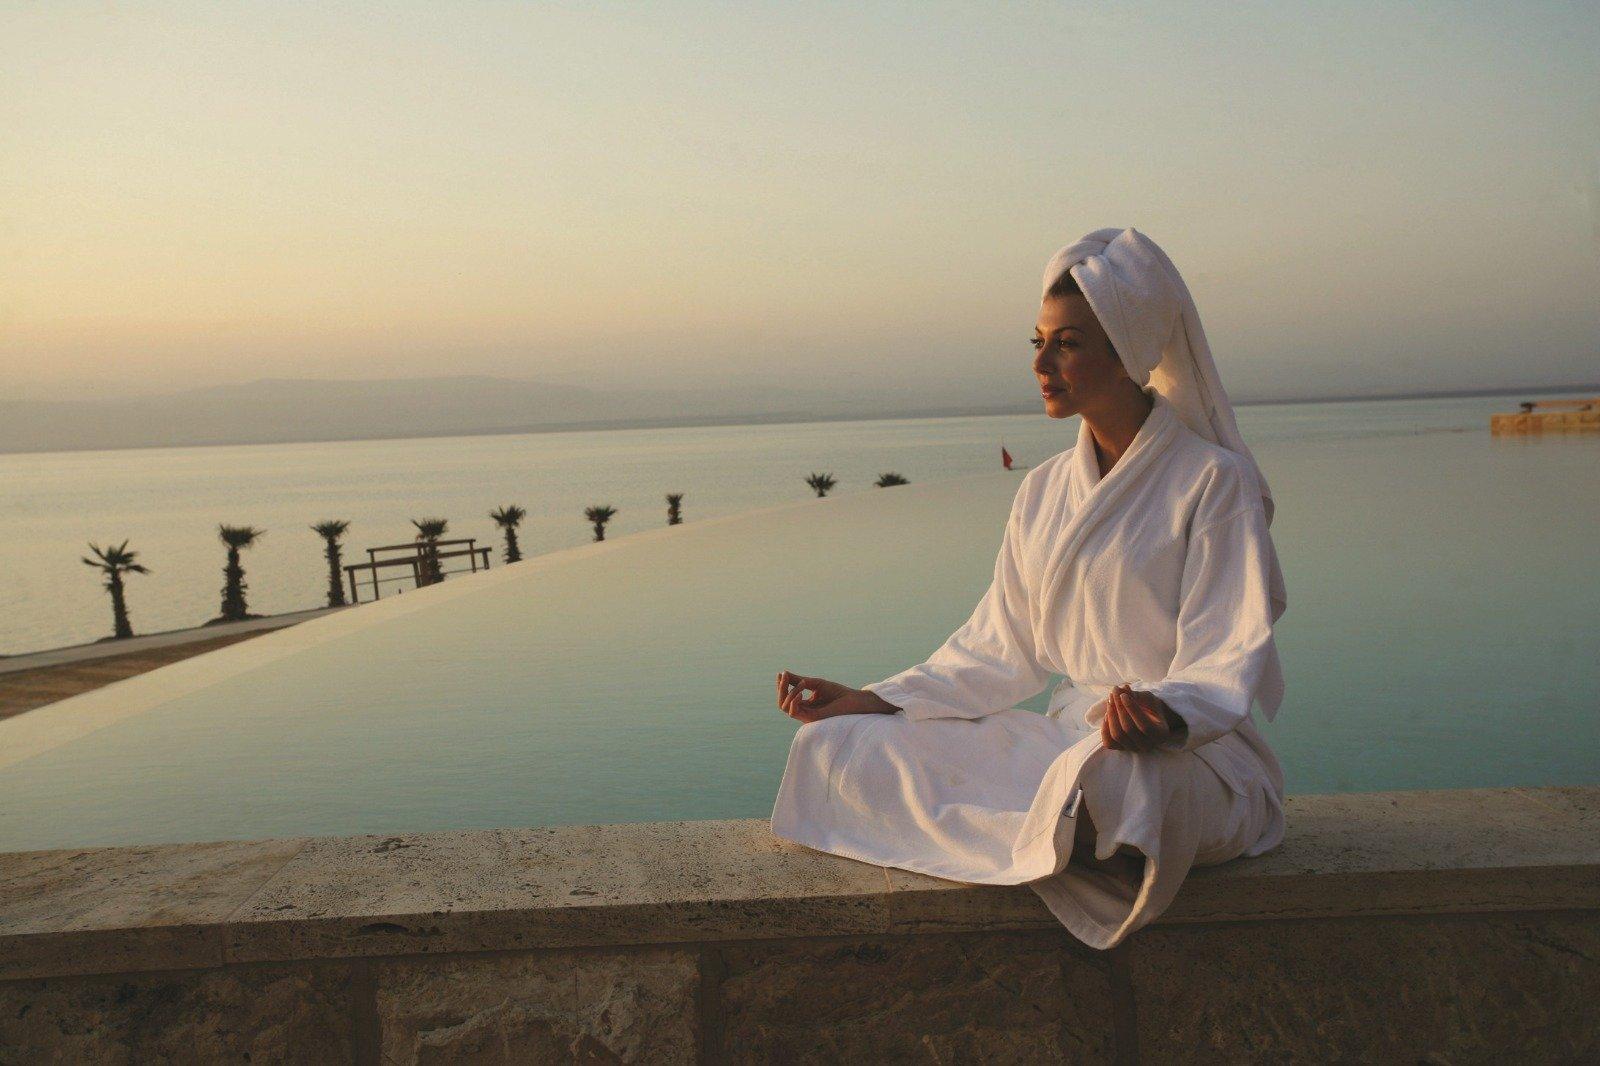 الأردن : خطة متكاملة لجذب السياحة العلاجية والتعليمية